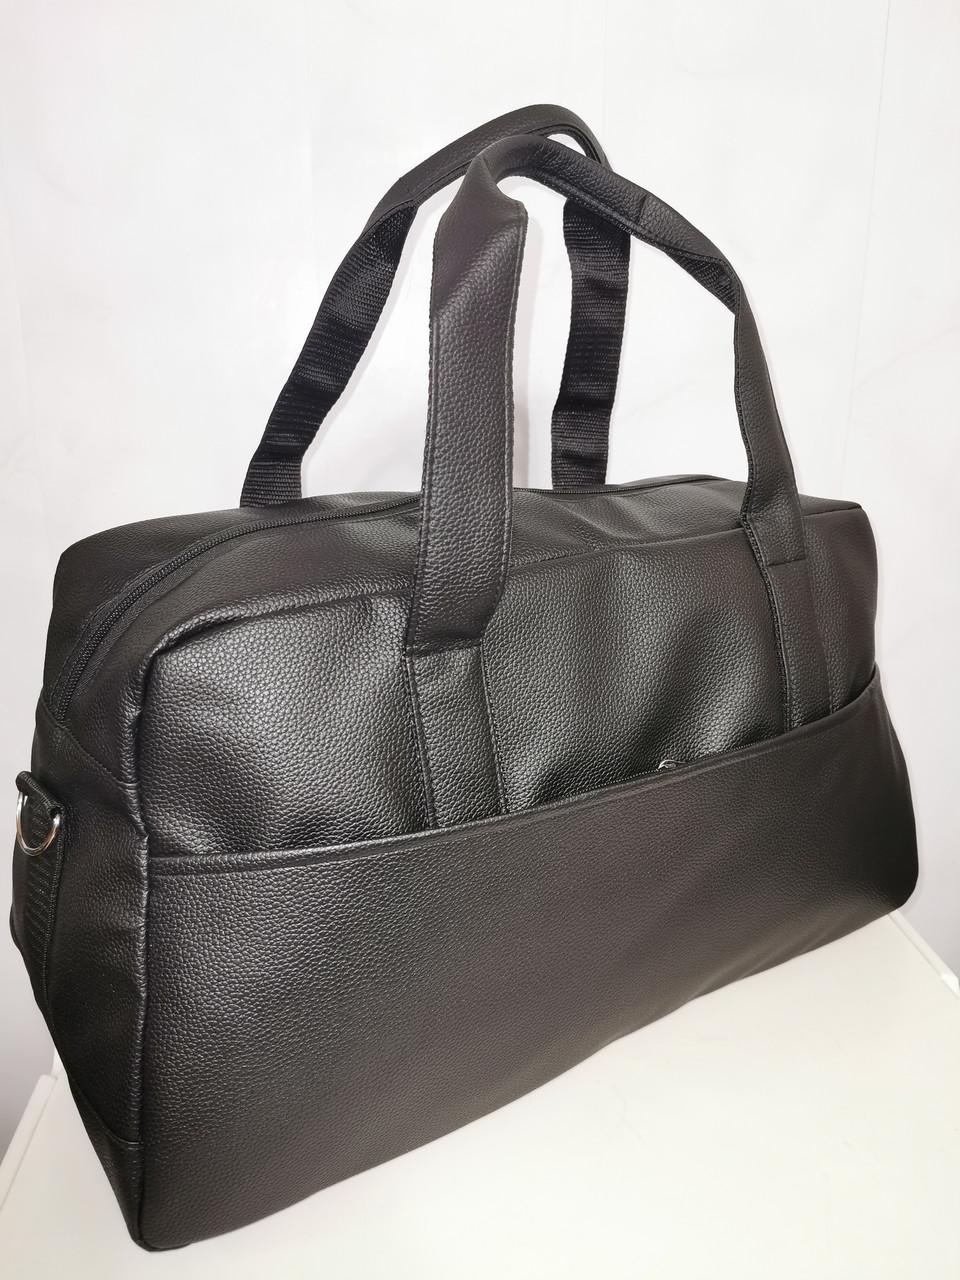 Спортивная дорожная сумка искусств кожа высококачественный Унисекс стильный Мужские и женские оптом